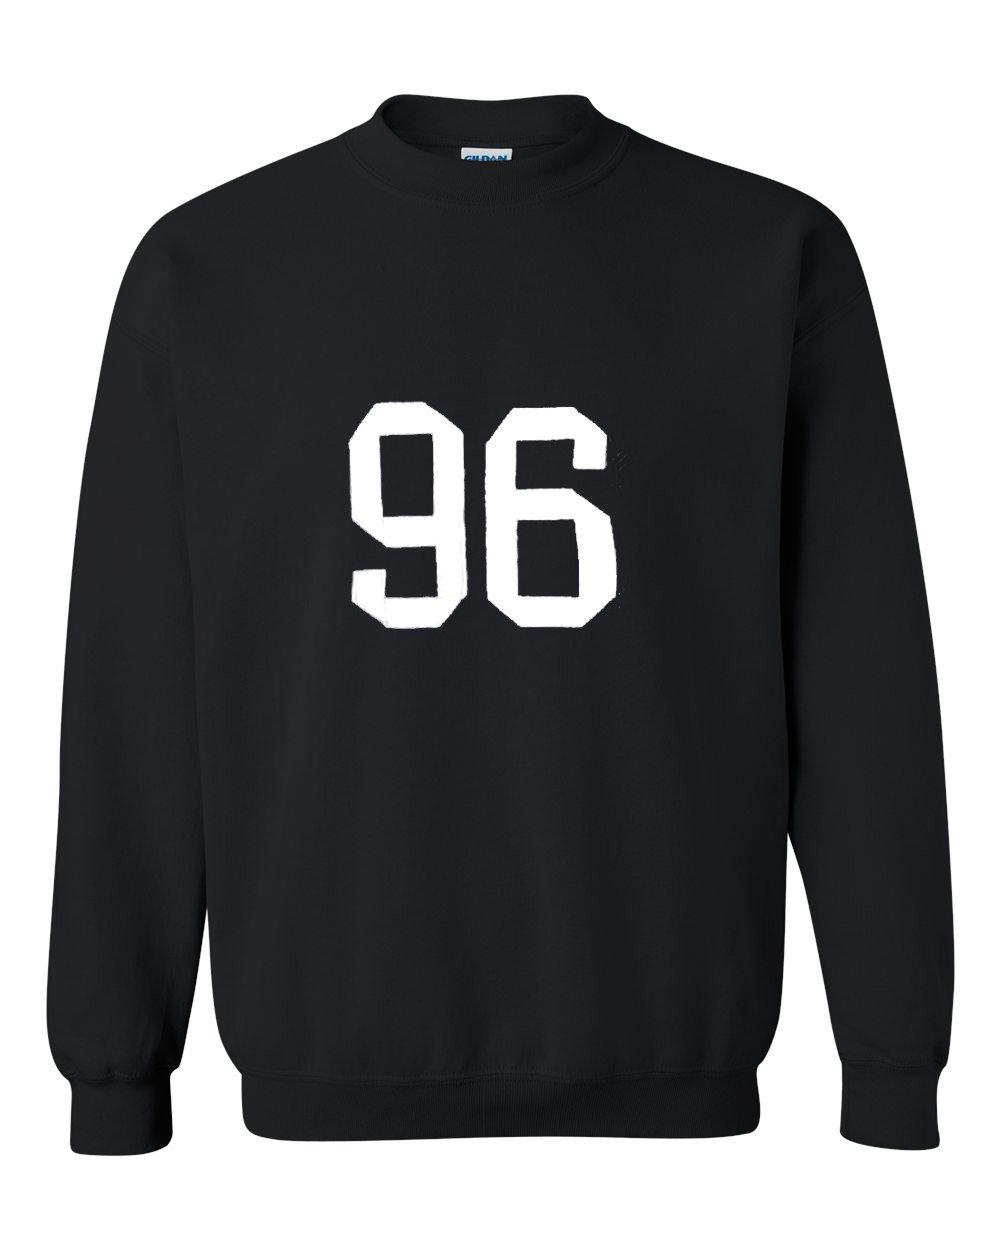 96 sweatshirt